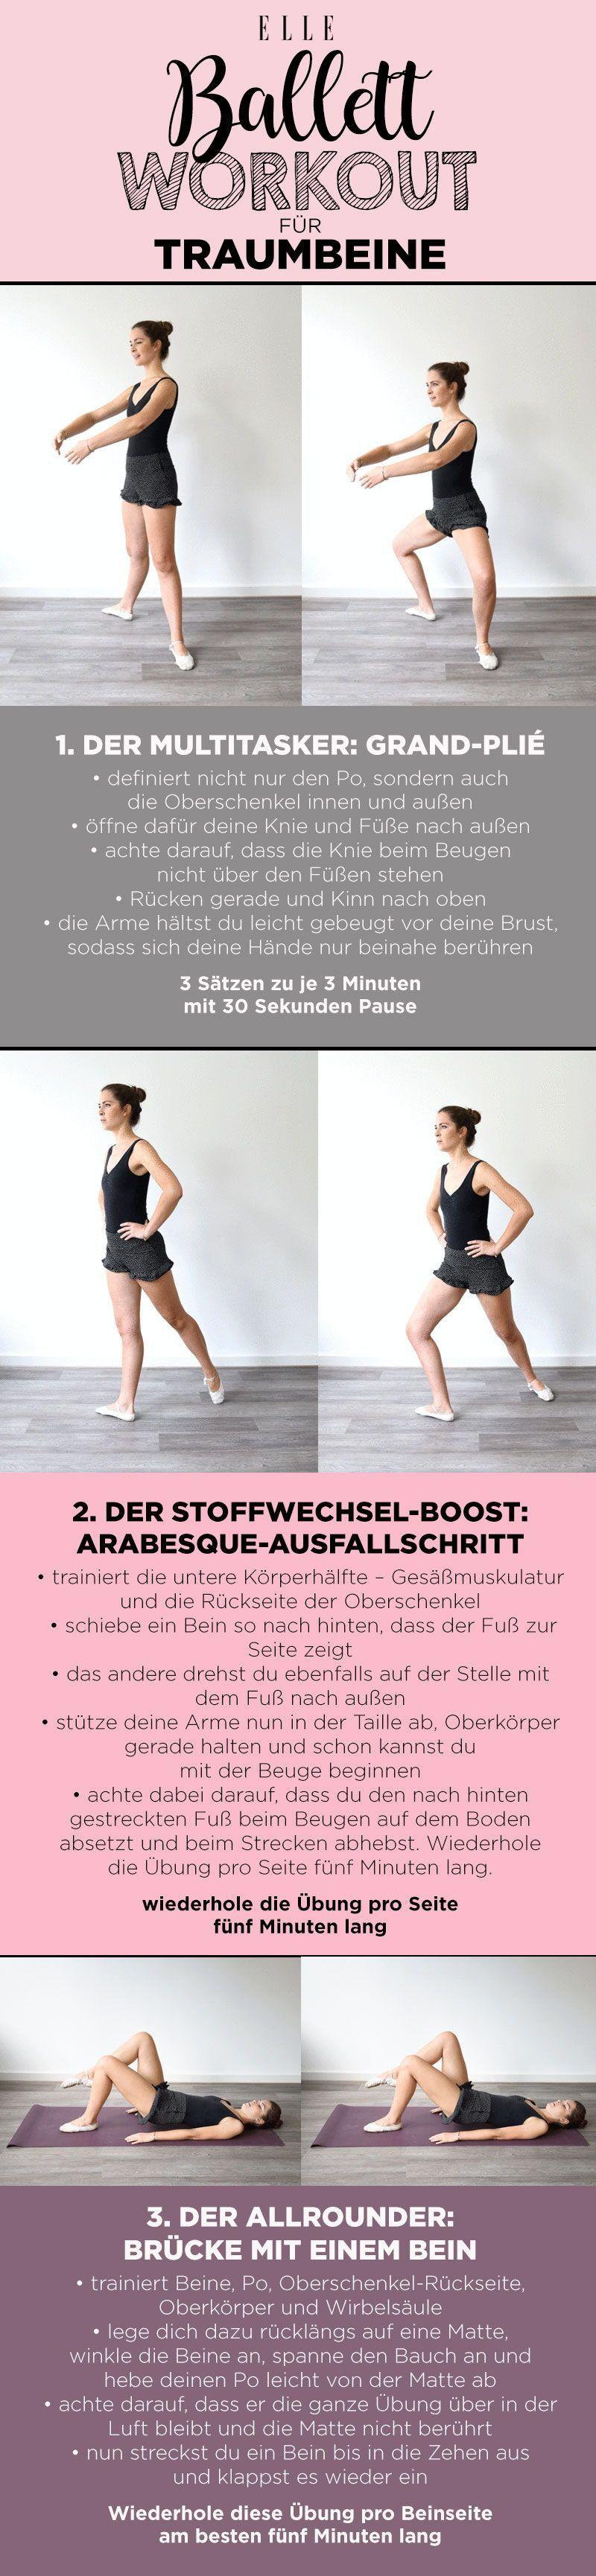 #traumbeineworkout #ballettworkout #workouttips #bodyshaping #profibungen #definierte #fitness #ball...